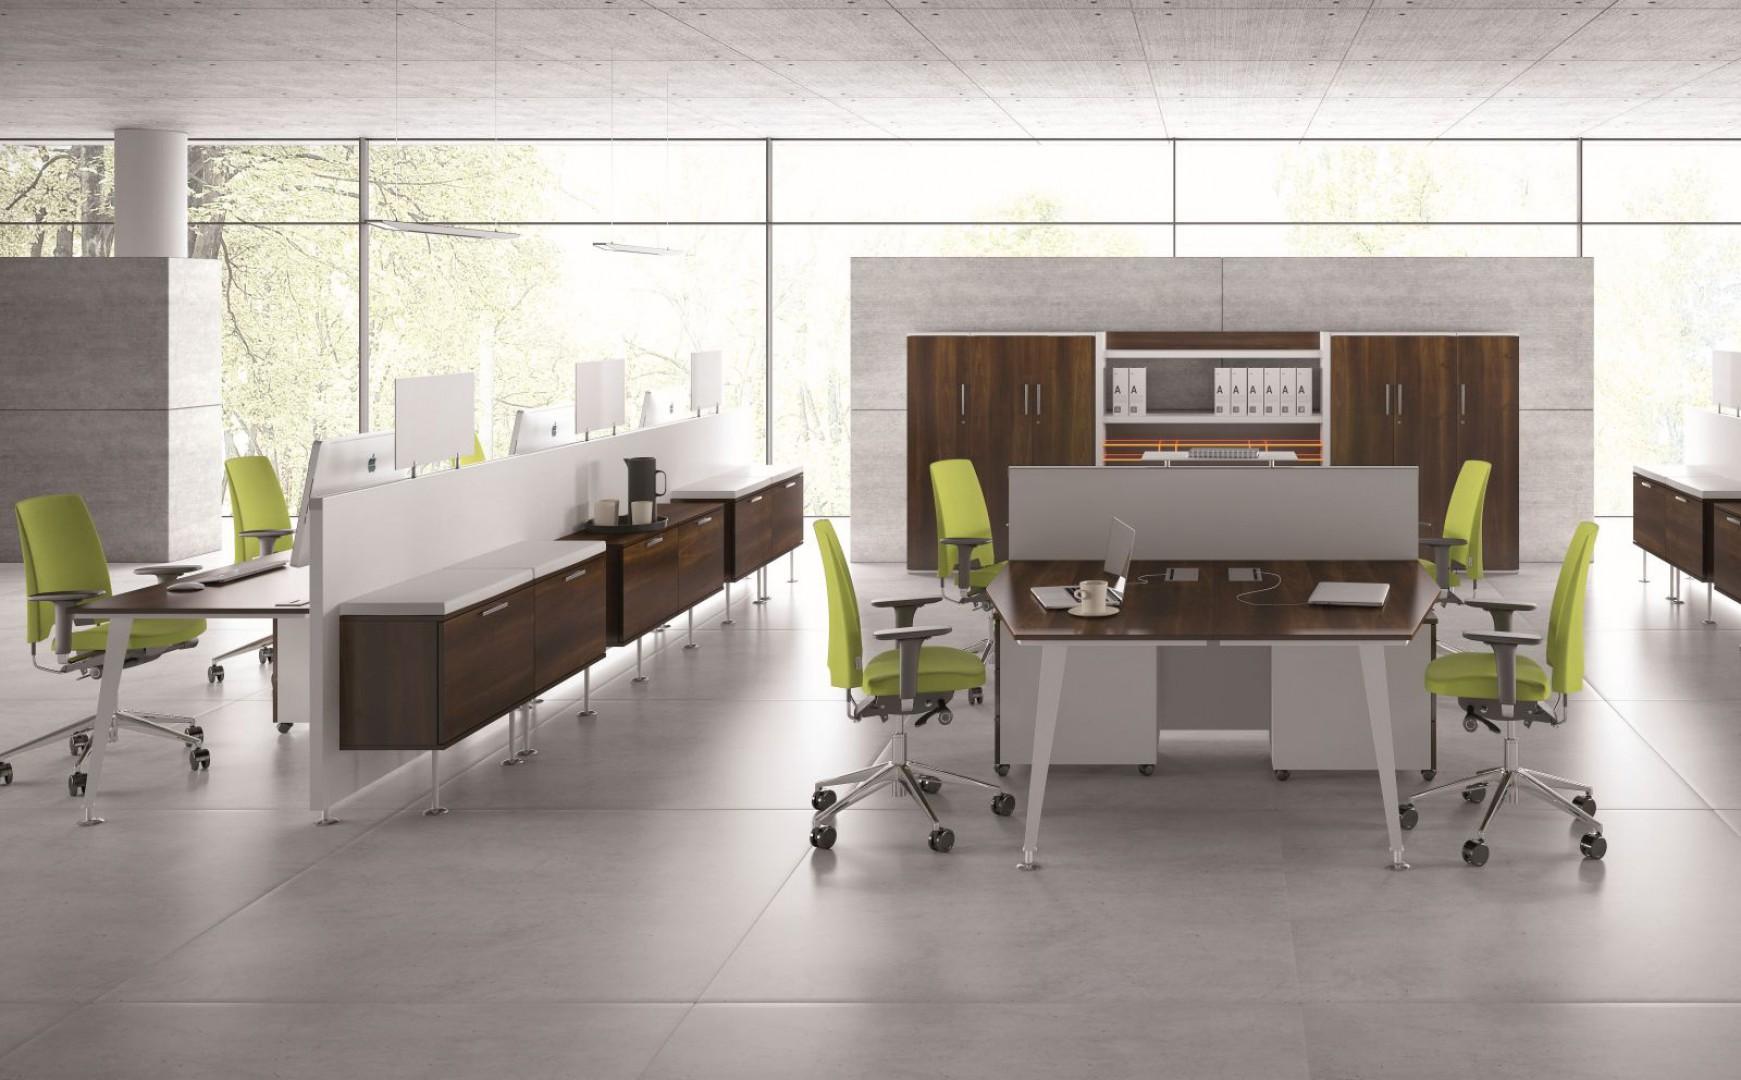 W nowoczesnych biurach niezbędne są meble z funkcją przechowywania. Fot. Mebelux